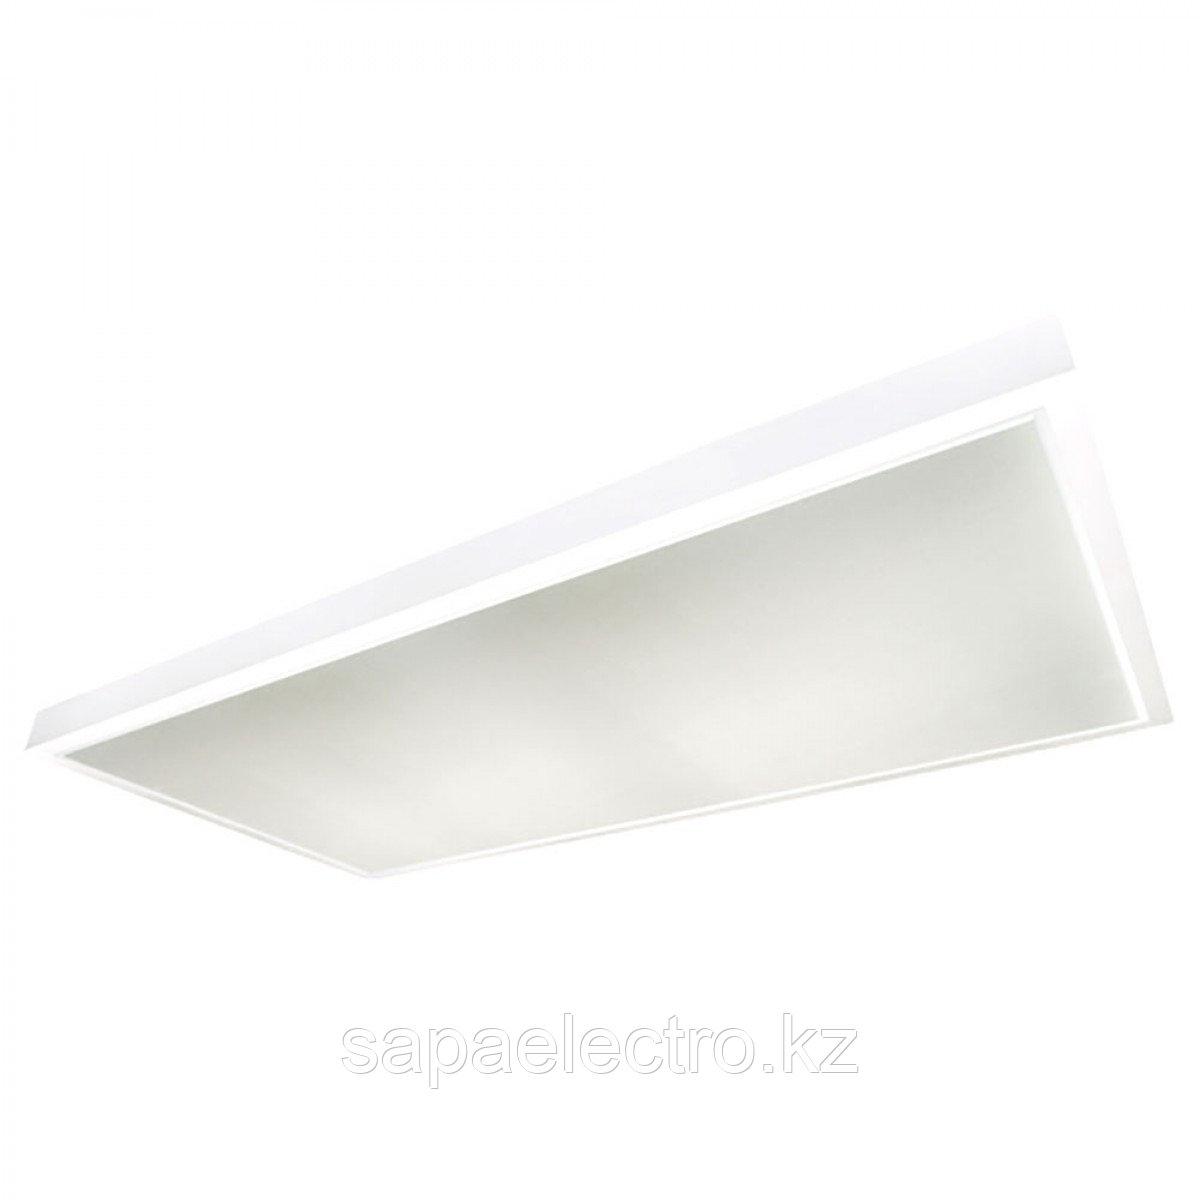 Св LEDTUBE 4x18W/ 120см PINSPOT MODERNA (с лампой)